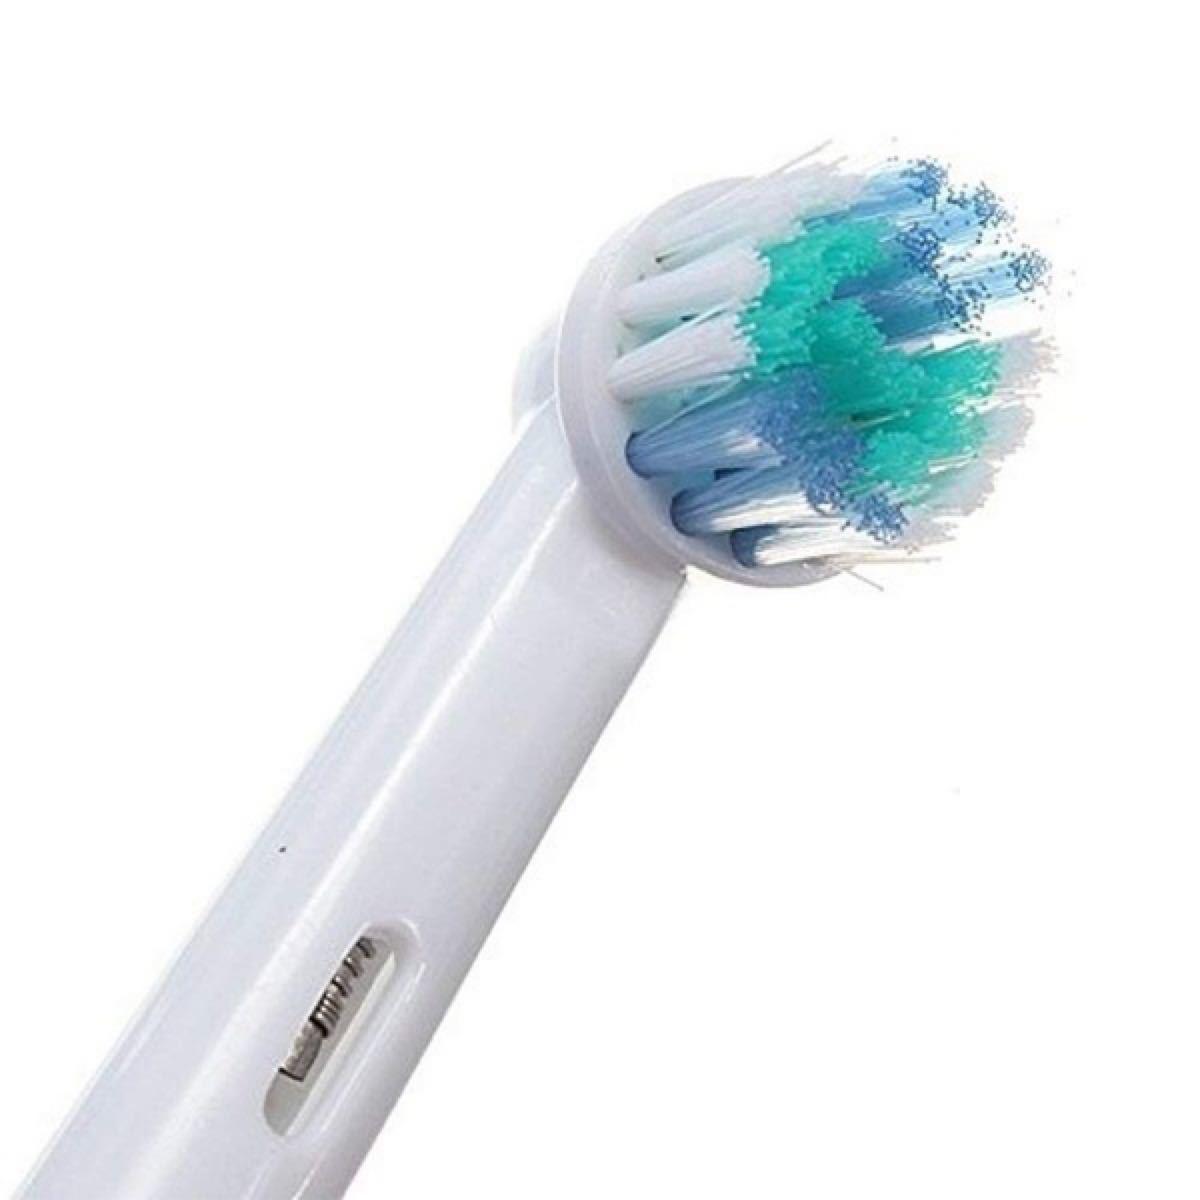 替えブラシ 電動歯ブラシ 互換ブラシ 4本セット